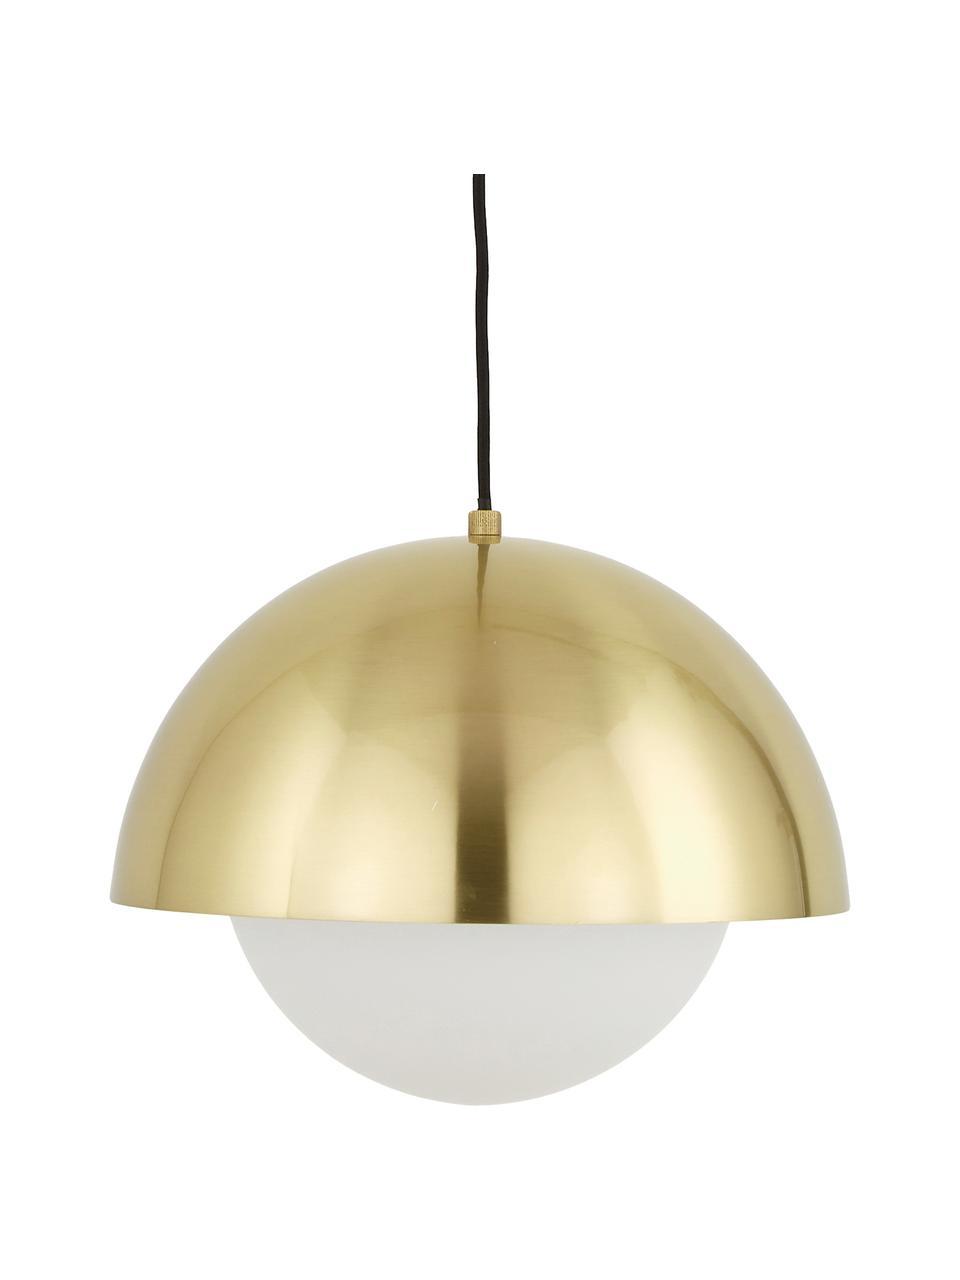 Lampada a sospensione con vetro opale Lucille, Baldacchino: metallo spazzolato, Paralume: vetro, Ottone, bianco, Ø 35 x Alt. 30 cm